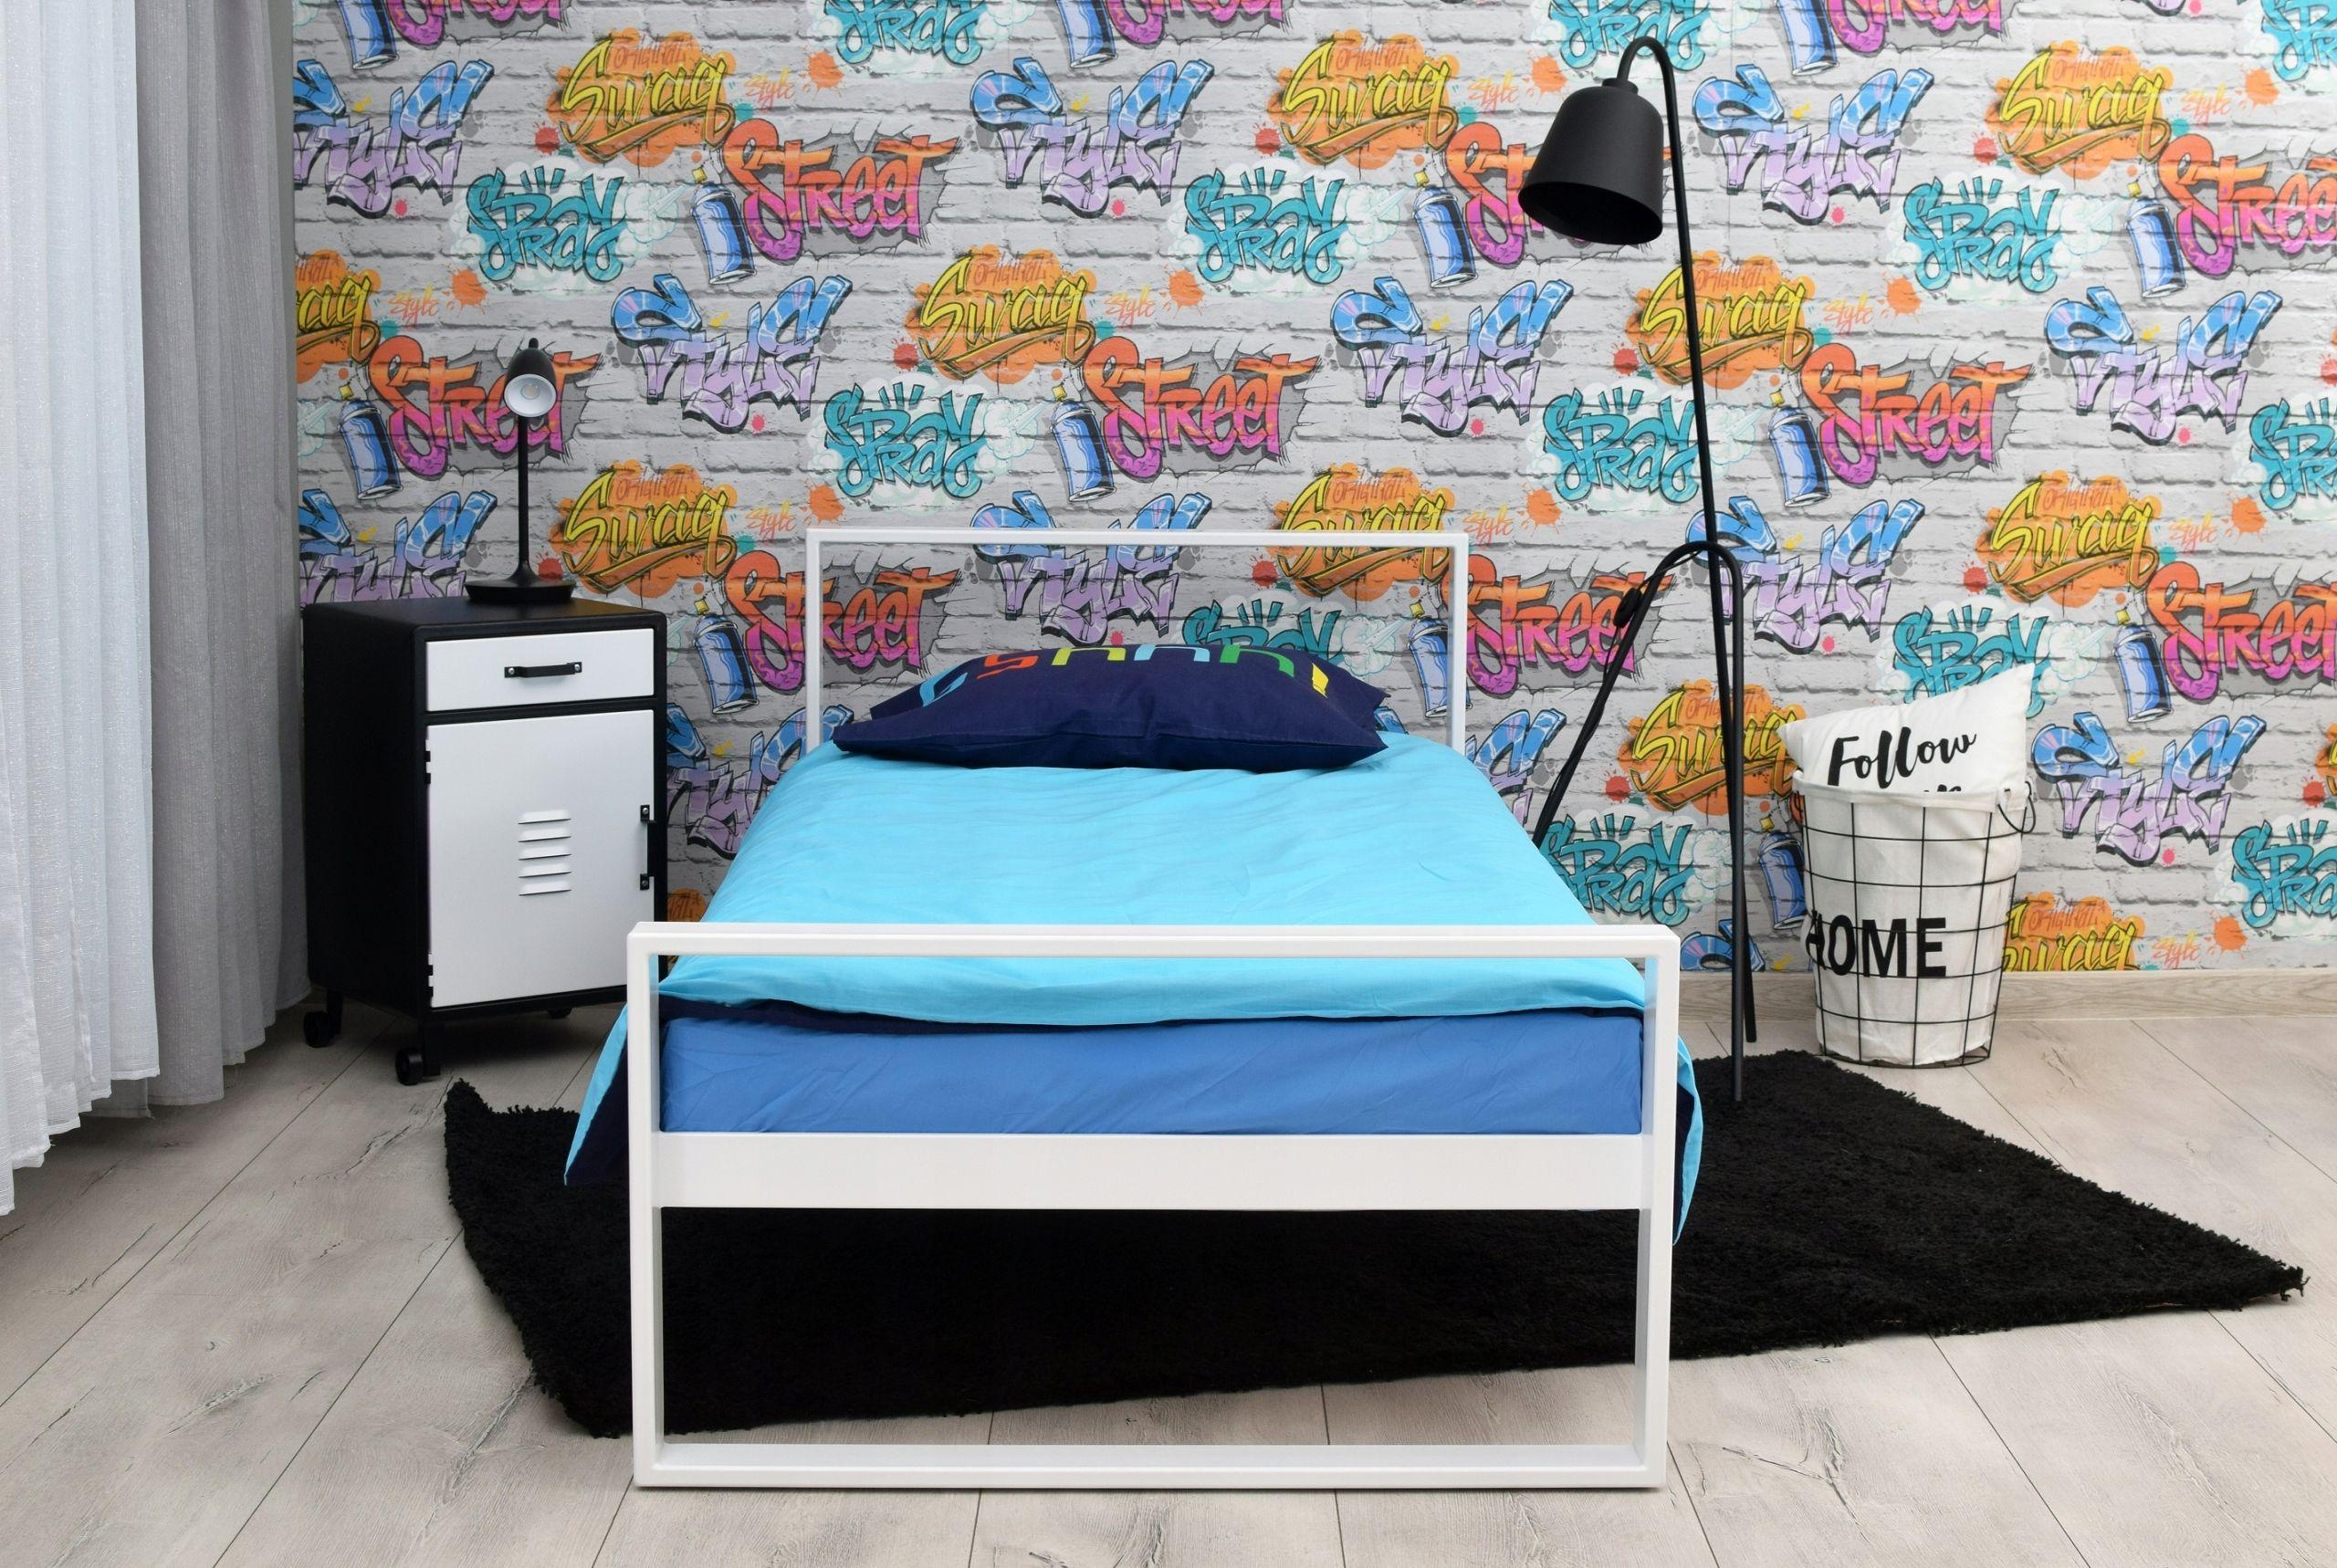 Pojedyncze łóżko Metalowe Mini Q 90x200 Cm Meble W 2019